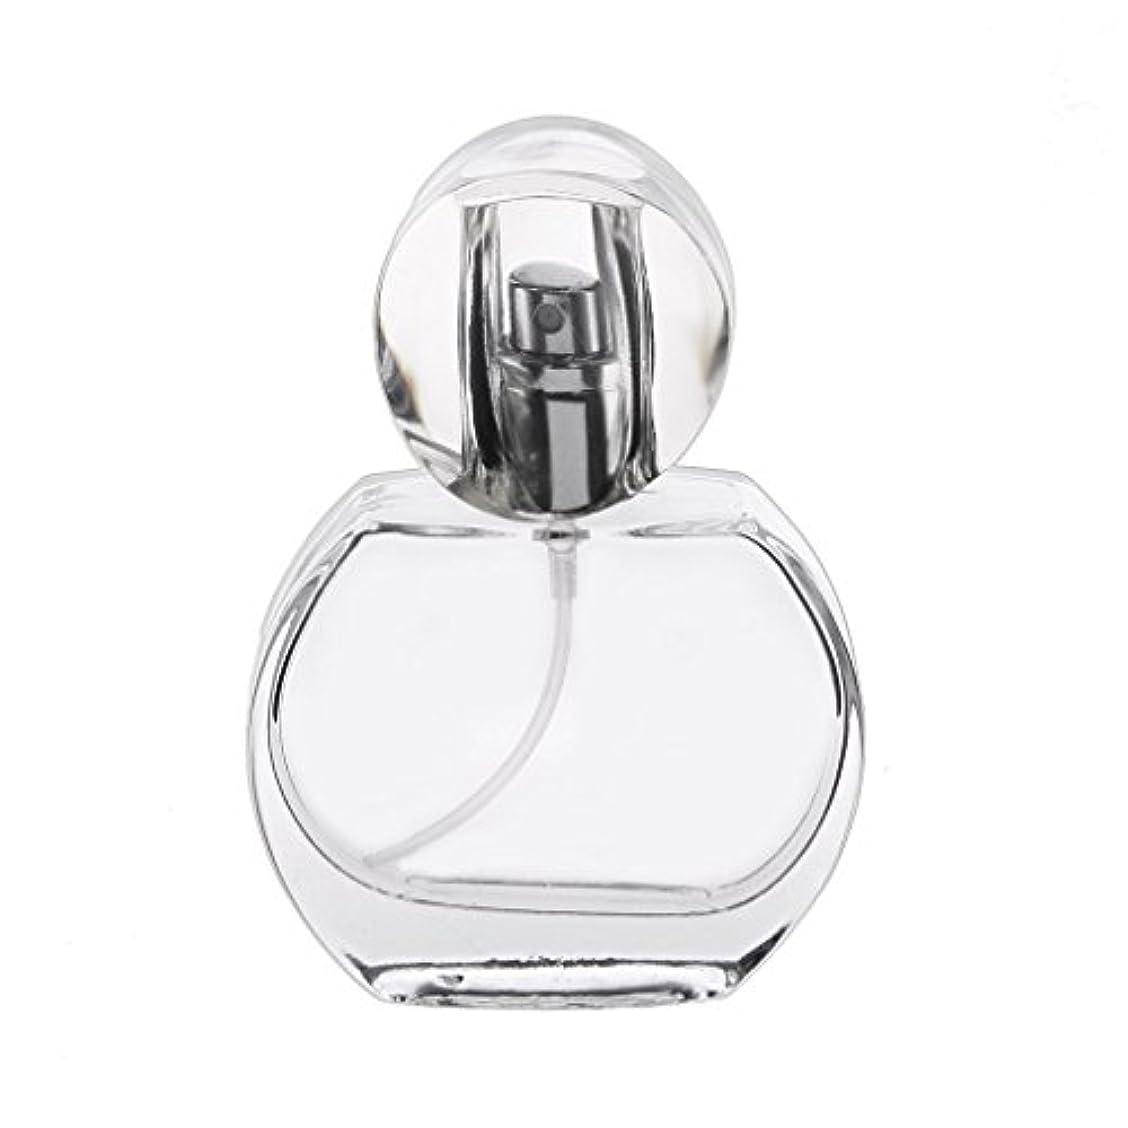 いらいらさせる舞い上がるビルダー30ml クリスタル エンプティ 空 香水瓶 スプレーボトル アトマイザー 詰め替え 携帯便利